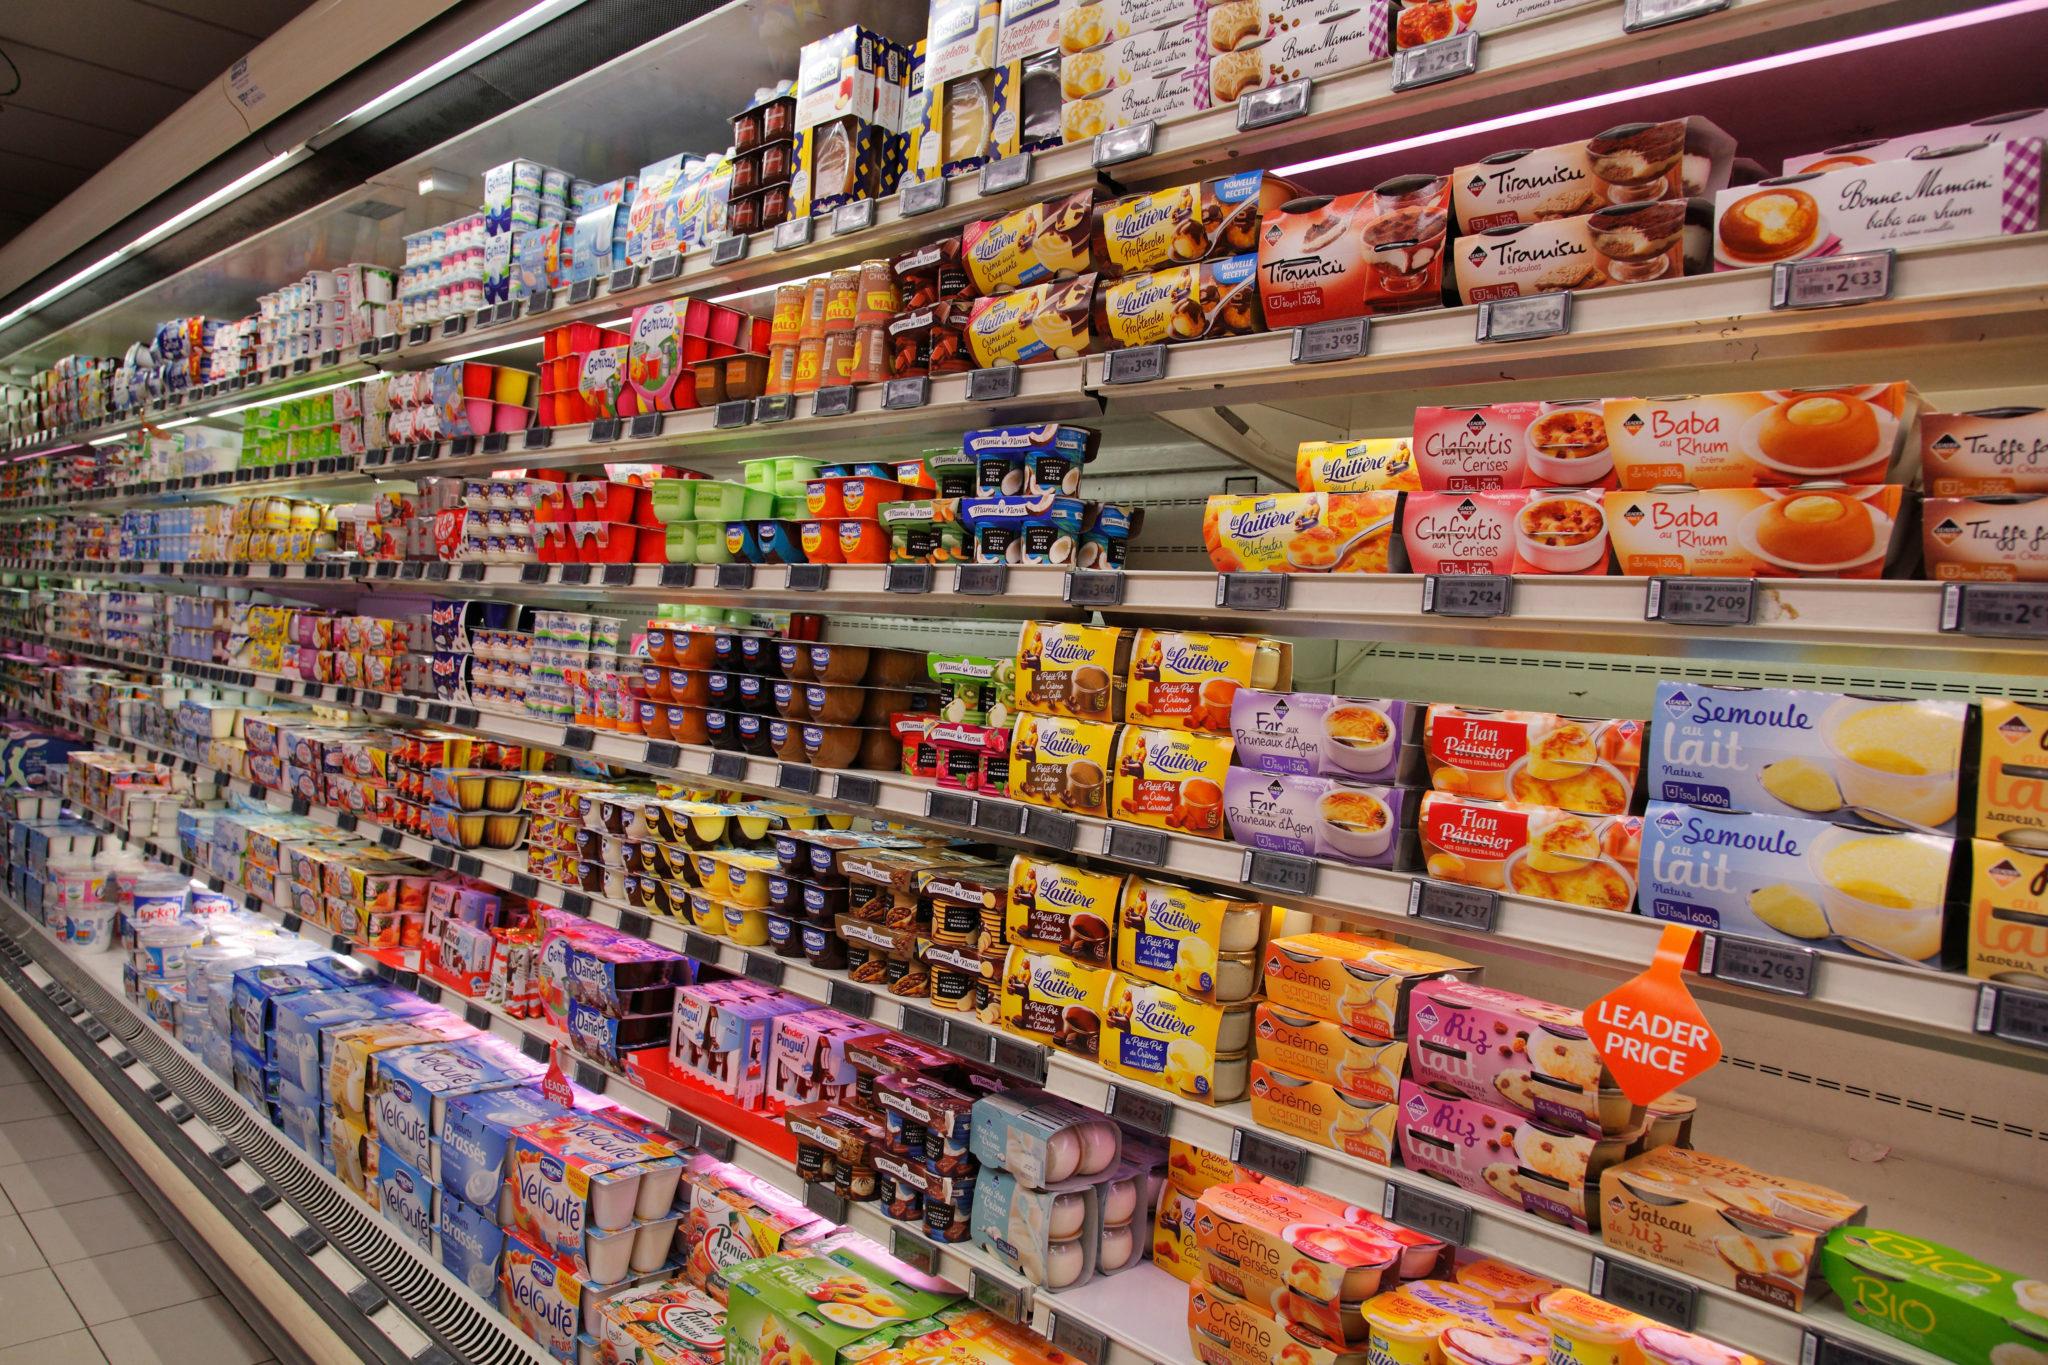 D03J2Y yogurt shelf in a supermarket